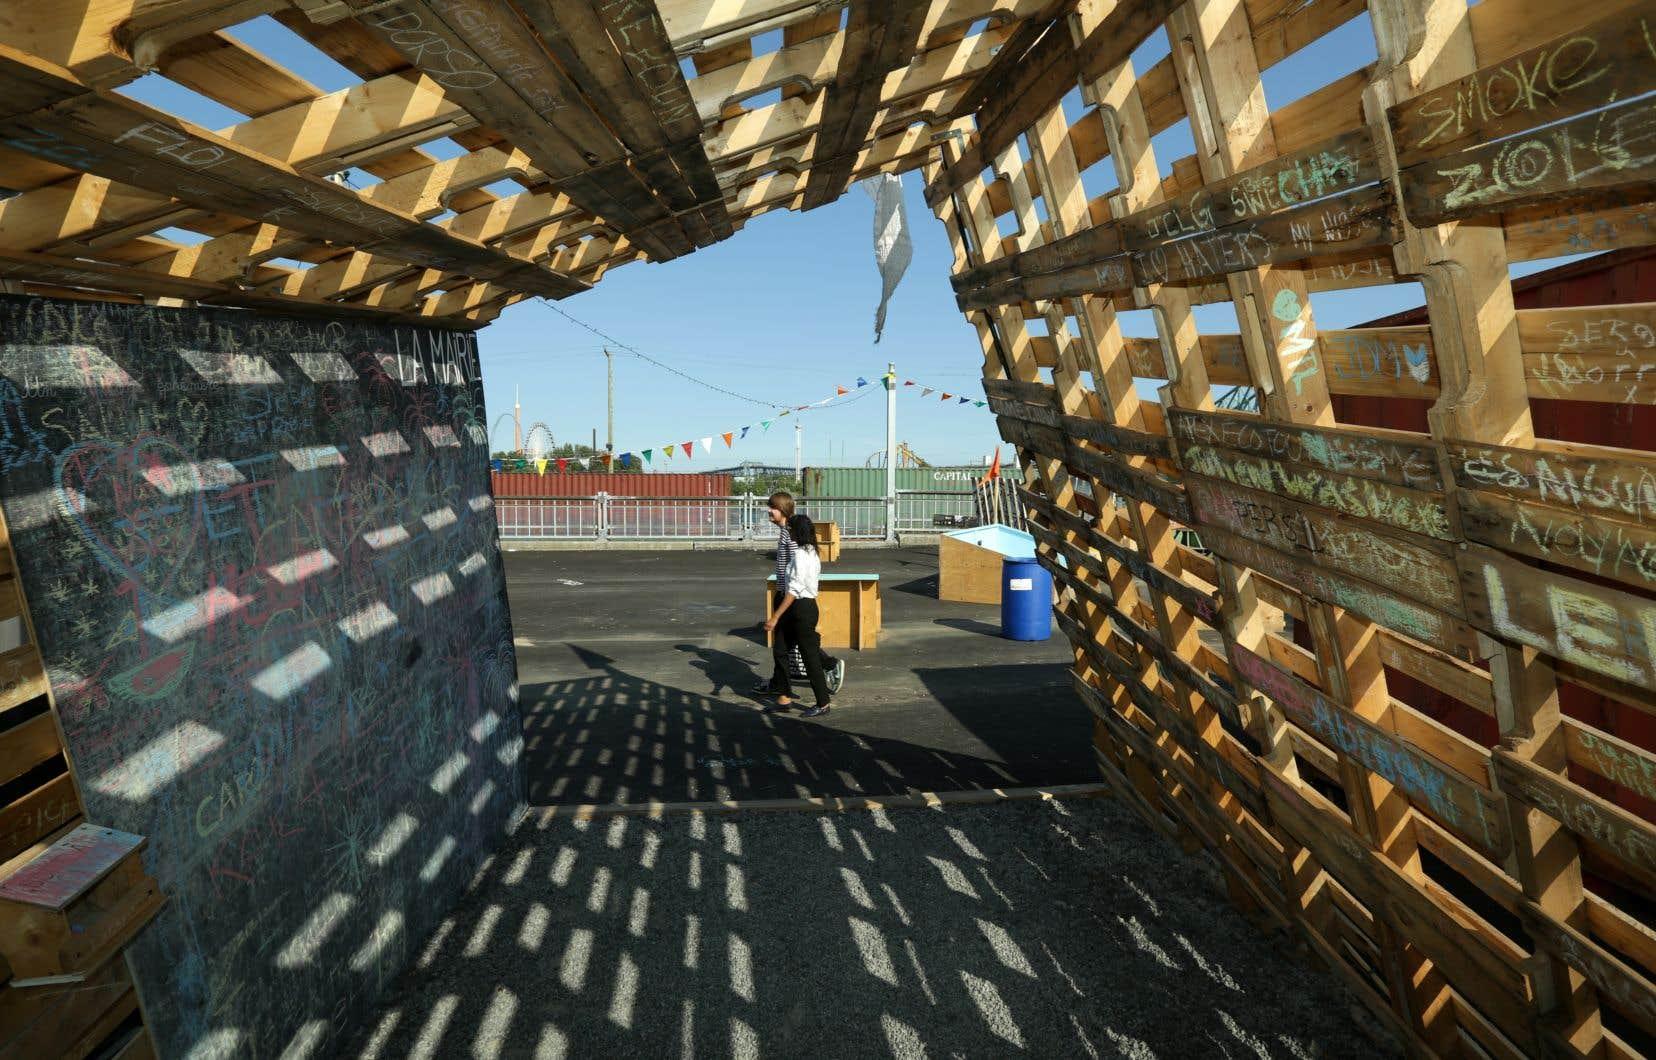 Les ruelles vertes incarnent sûrement l'exemple le plus parlant pour remettre en perspective le terme «éphémère», qui est aujourd'hui utilisé comme qualificatif pour de nombreux projets d'espaces publics.